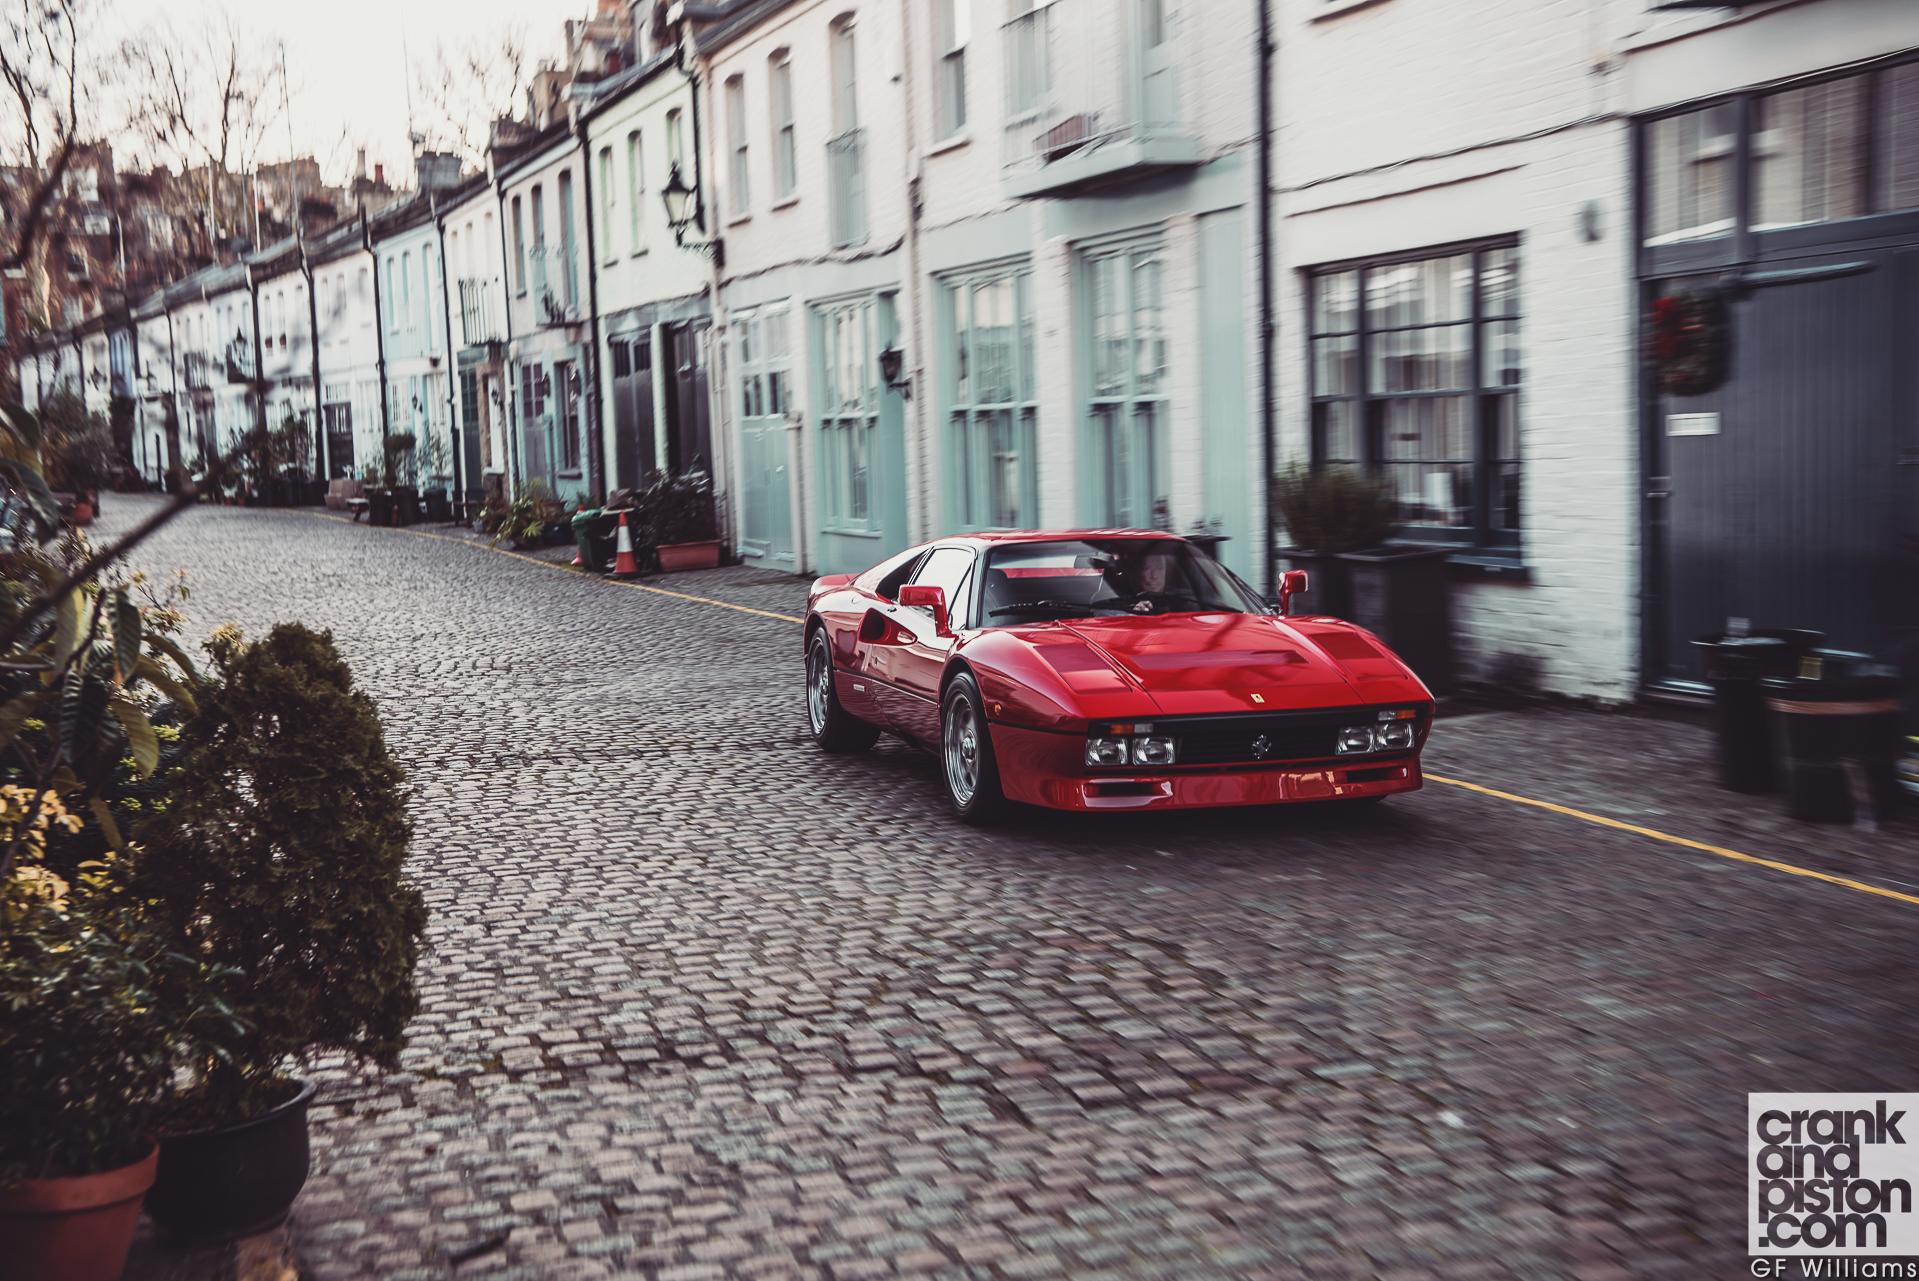 2017 Ferrari 488 Spider >> 1985 Ferrari 288 GTO. Set 1 - crankandpiston.com